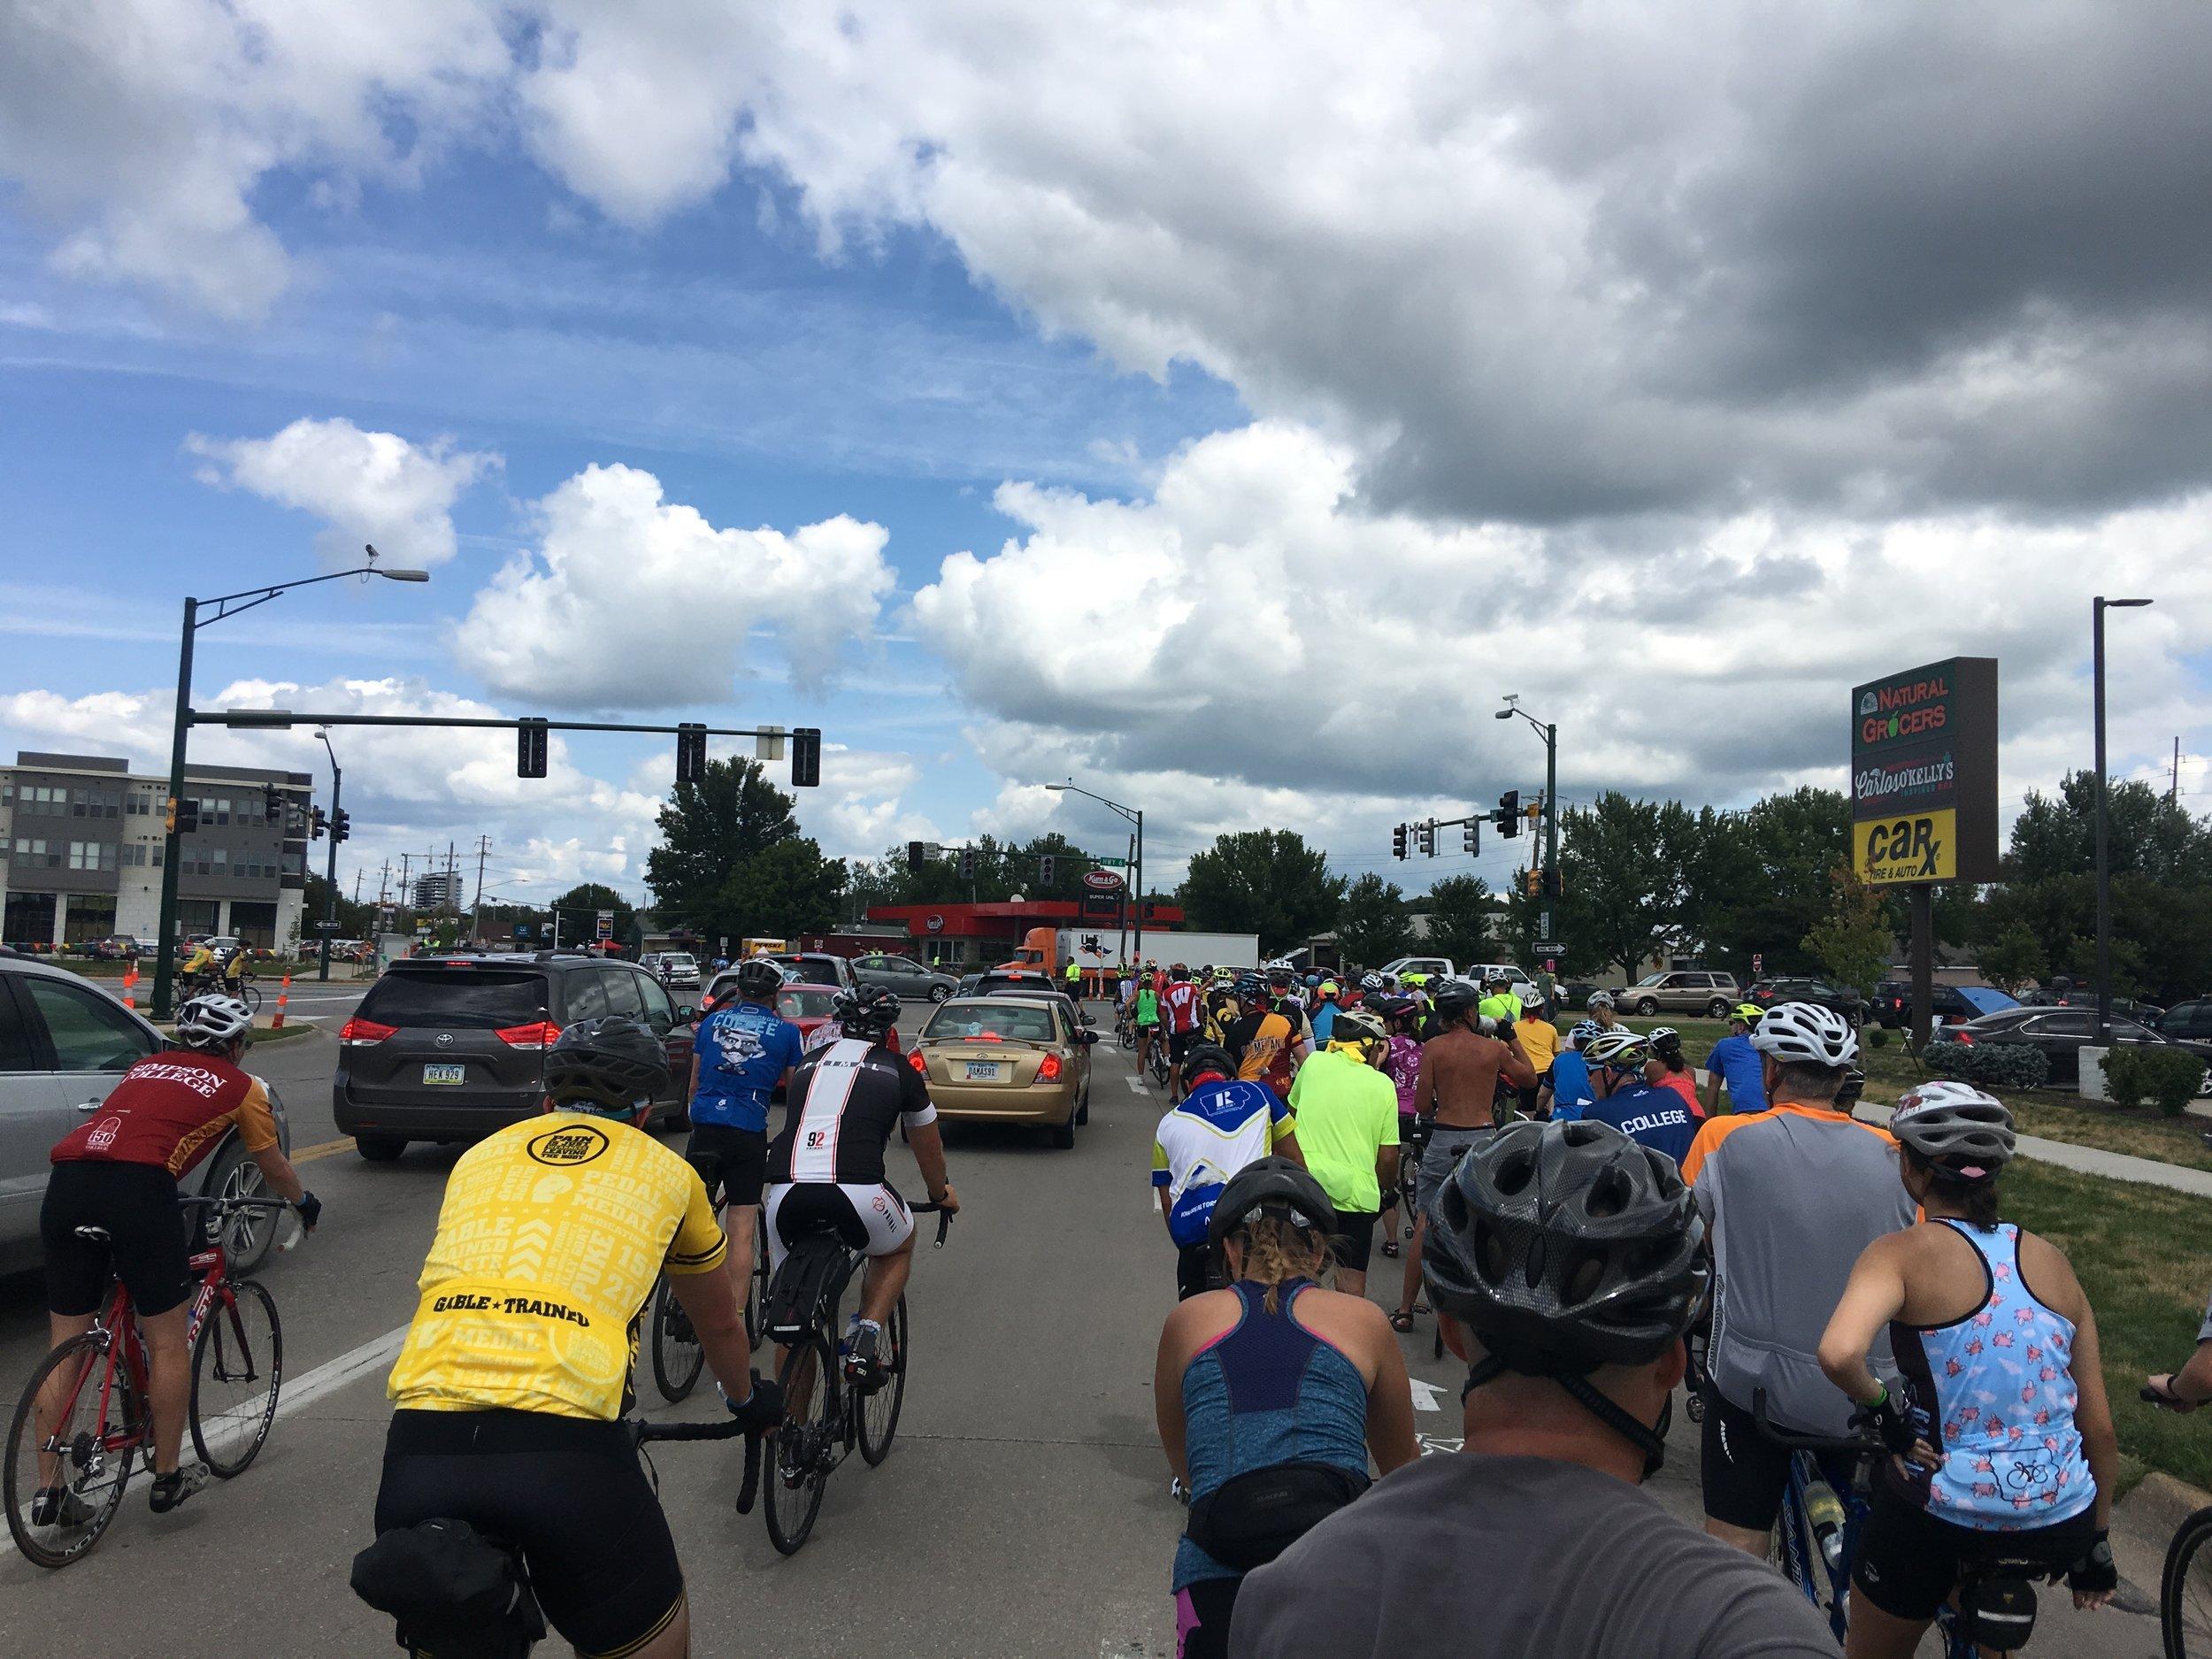 Traffic jam in Iowa City